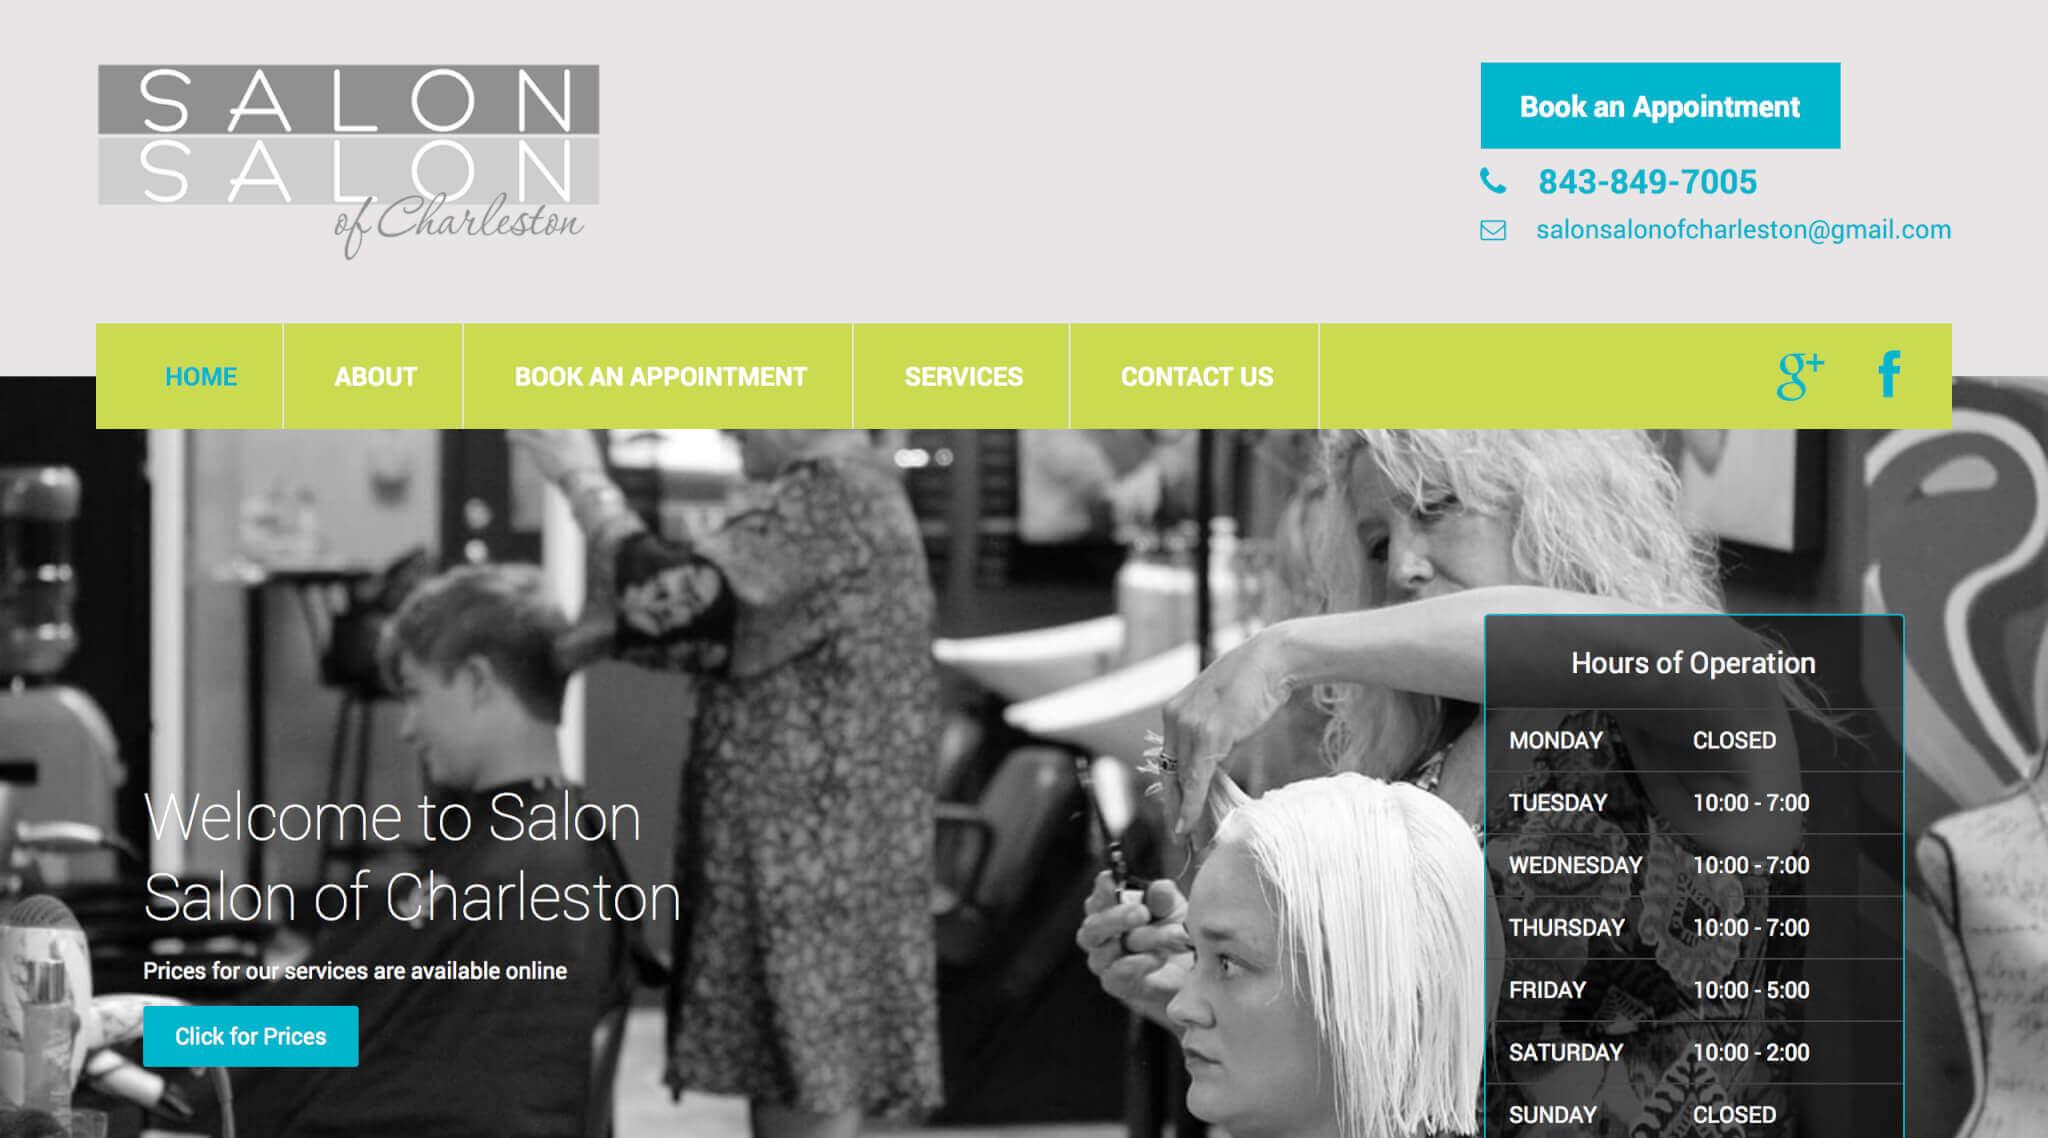 Salon Salon of Charleston